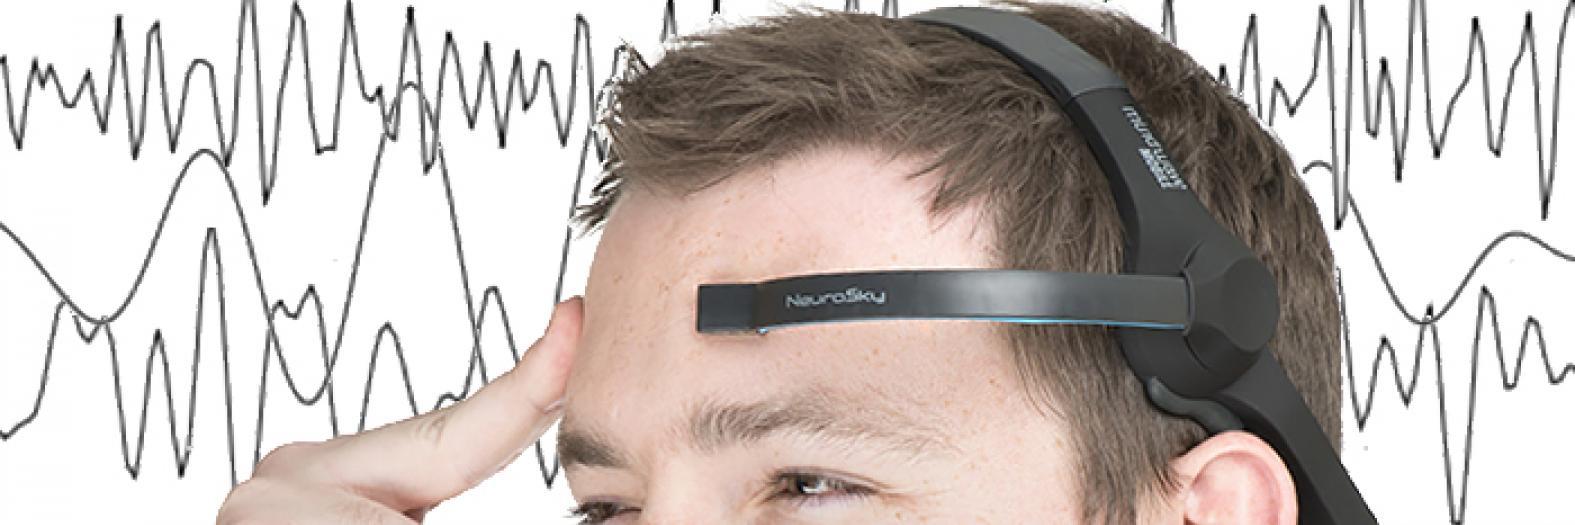 brainwaves-banner.jpg